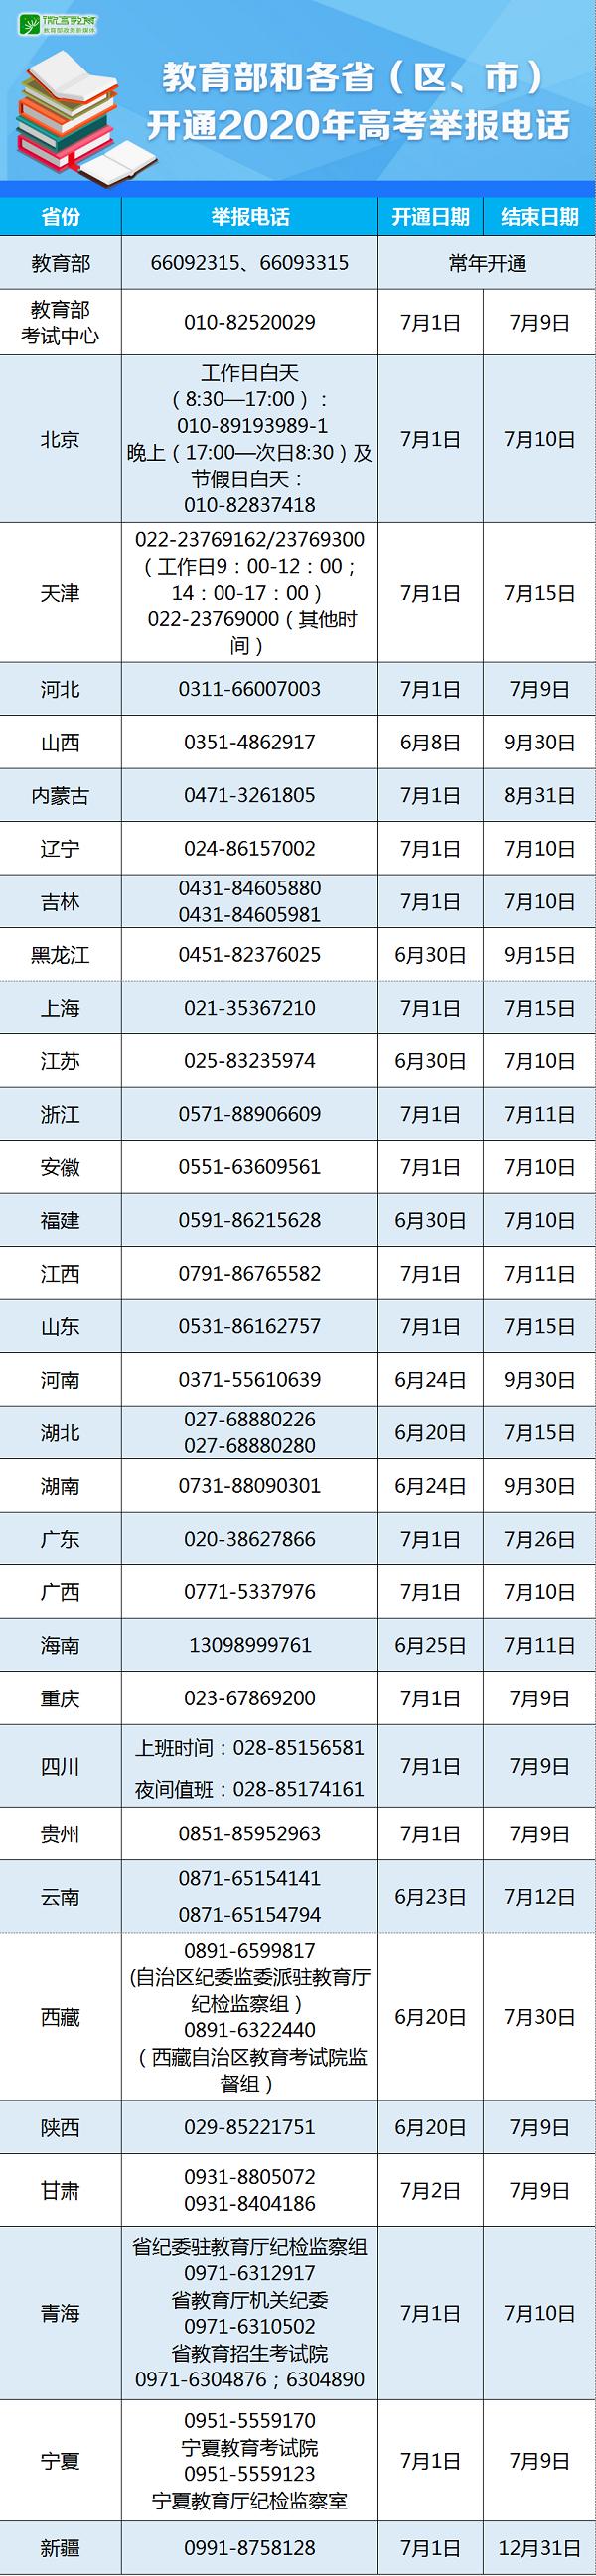 2020年教育部公布各省份高考举报电话详情,34个省市均有!